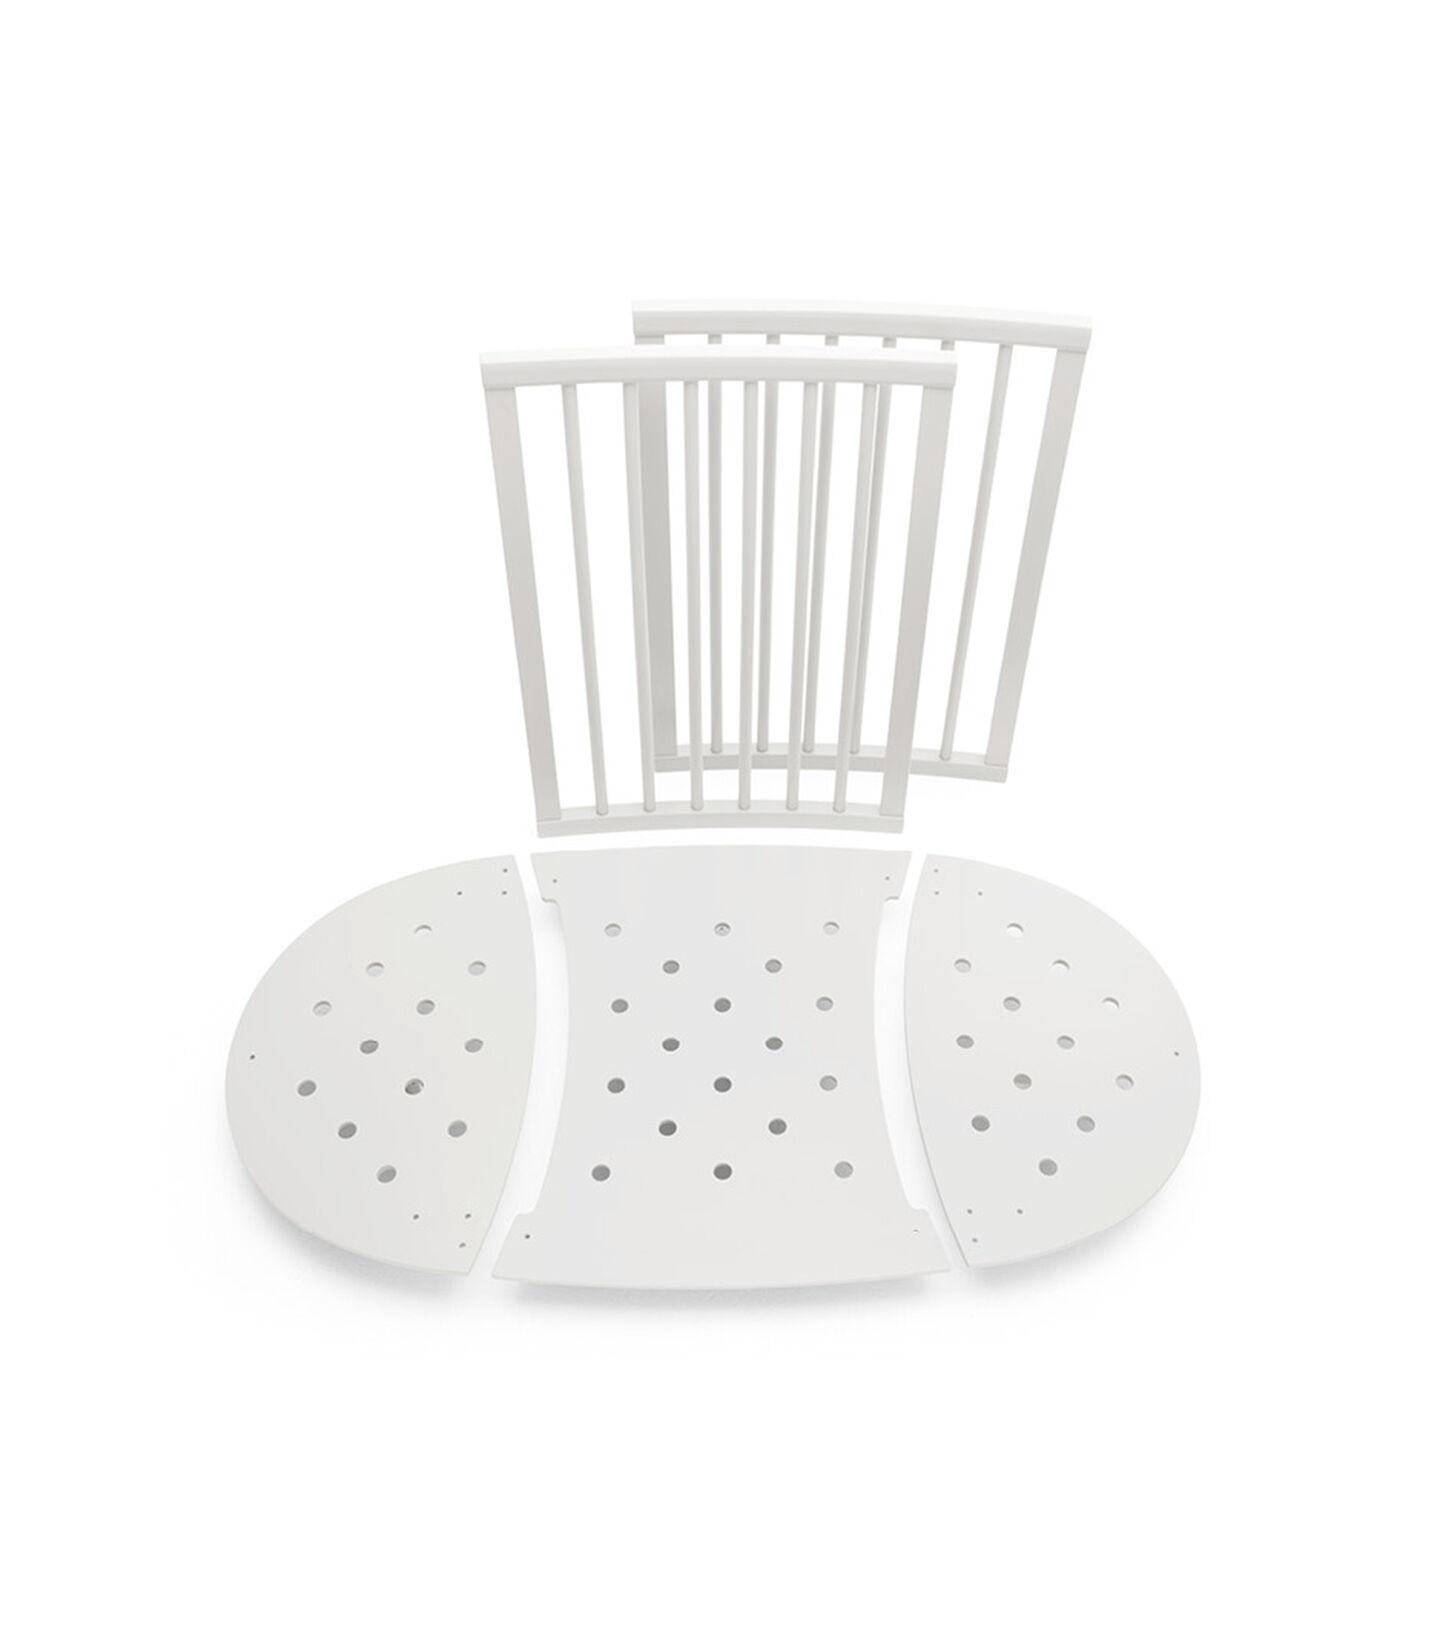 Stokke® Sleepi™ Bed Extension White, White, mainview view 2